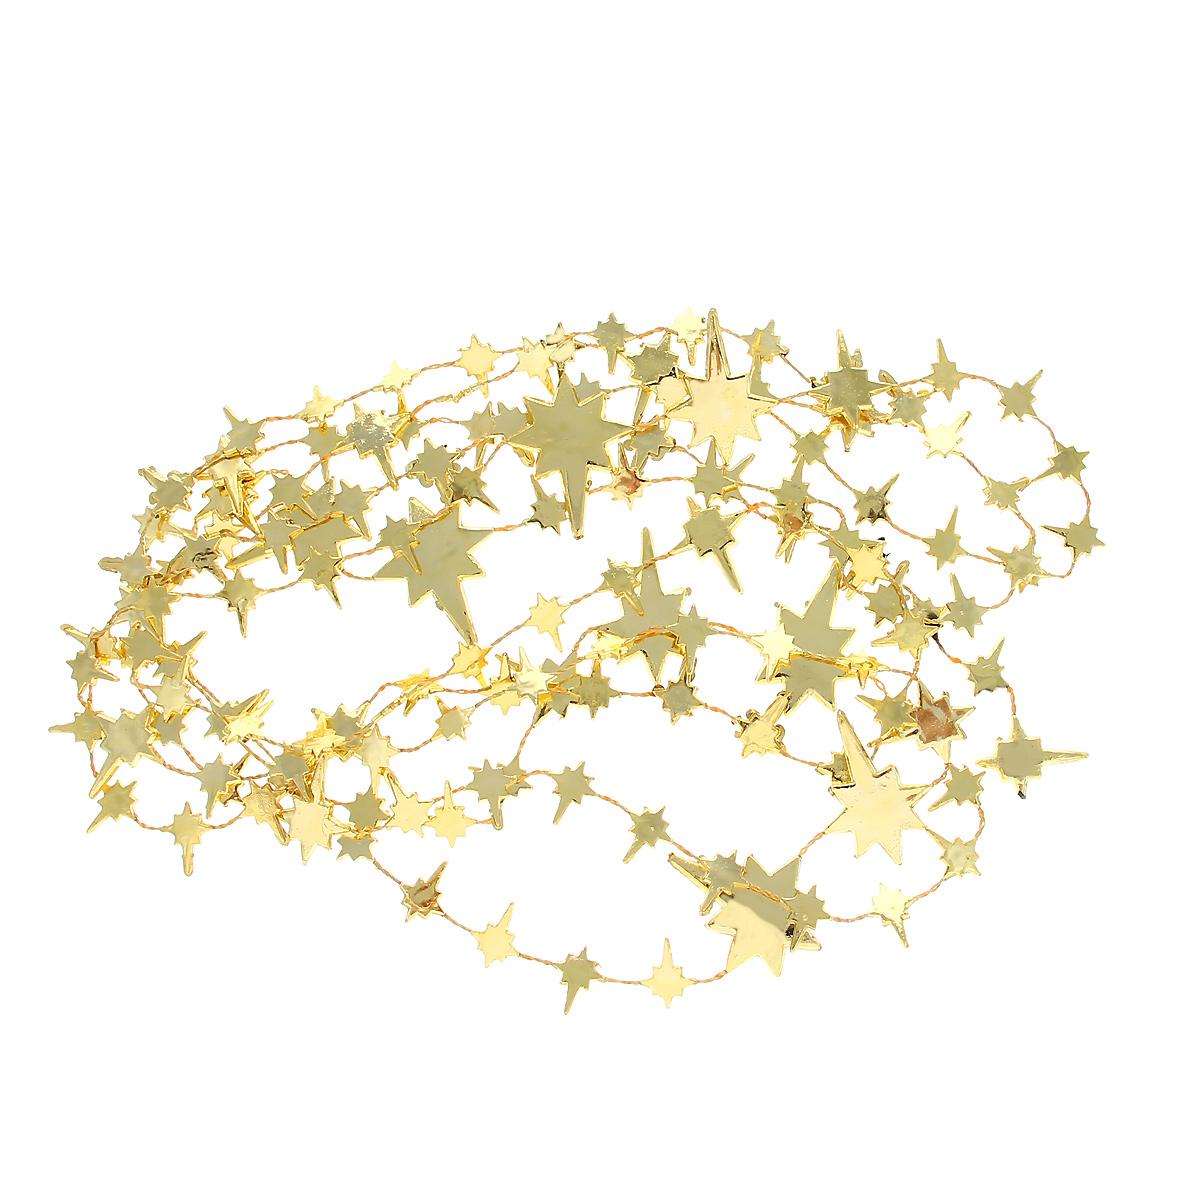 Новогодняя гирлянда Звезды, цвет: золотистый, 270 см34454Новогодняя гирлянда прекрасно подойдет для декора дома или офиса. Украшение выполнено из разноцветной металлизированной фольги. С помощью специальных петелек гирлянду можно повесить в любом понравившемся вам месте. Украшение легко складывается и раскладывается. Новогодние украшения несут в себе волшебство и красоту праздника. Они помогут вам украсить дом к предстоящим праздникам и оживить интерьер по вашему вкусу. Создайте в доме атмосферу тепла, веселья и радости, украшая его всей семьей.